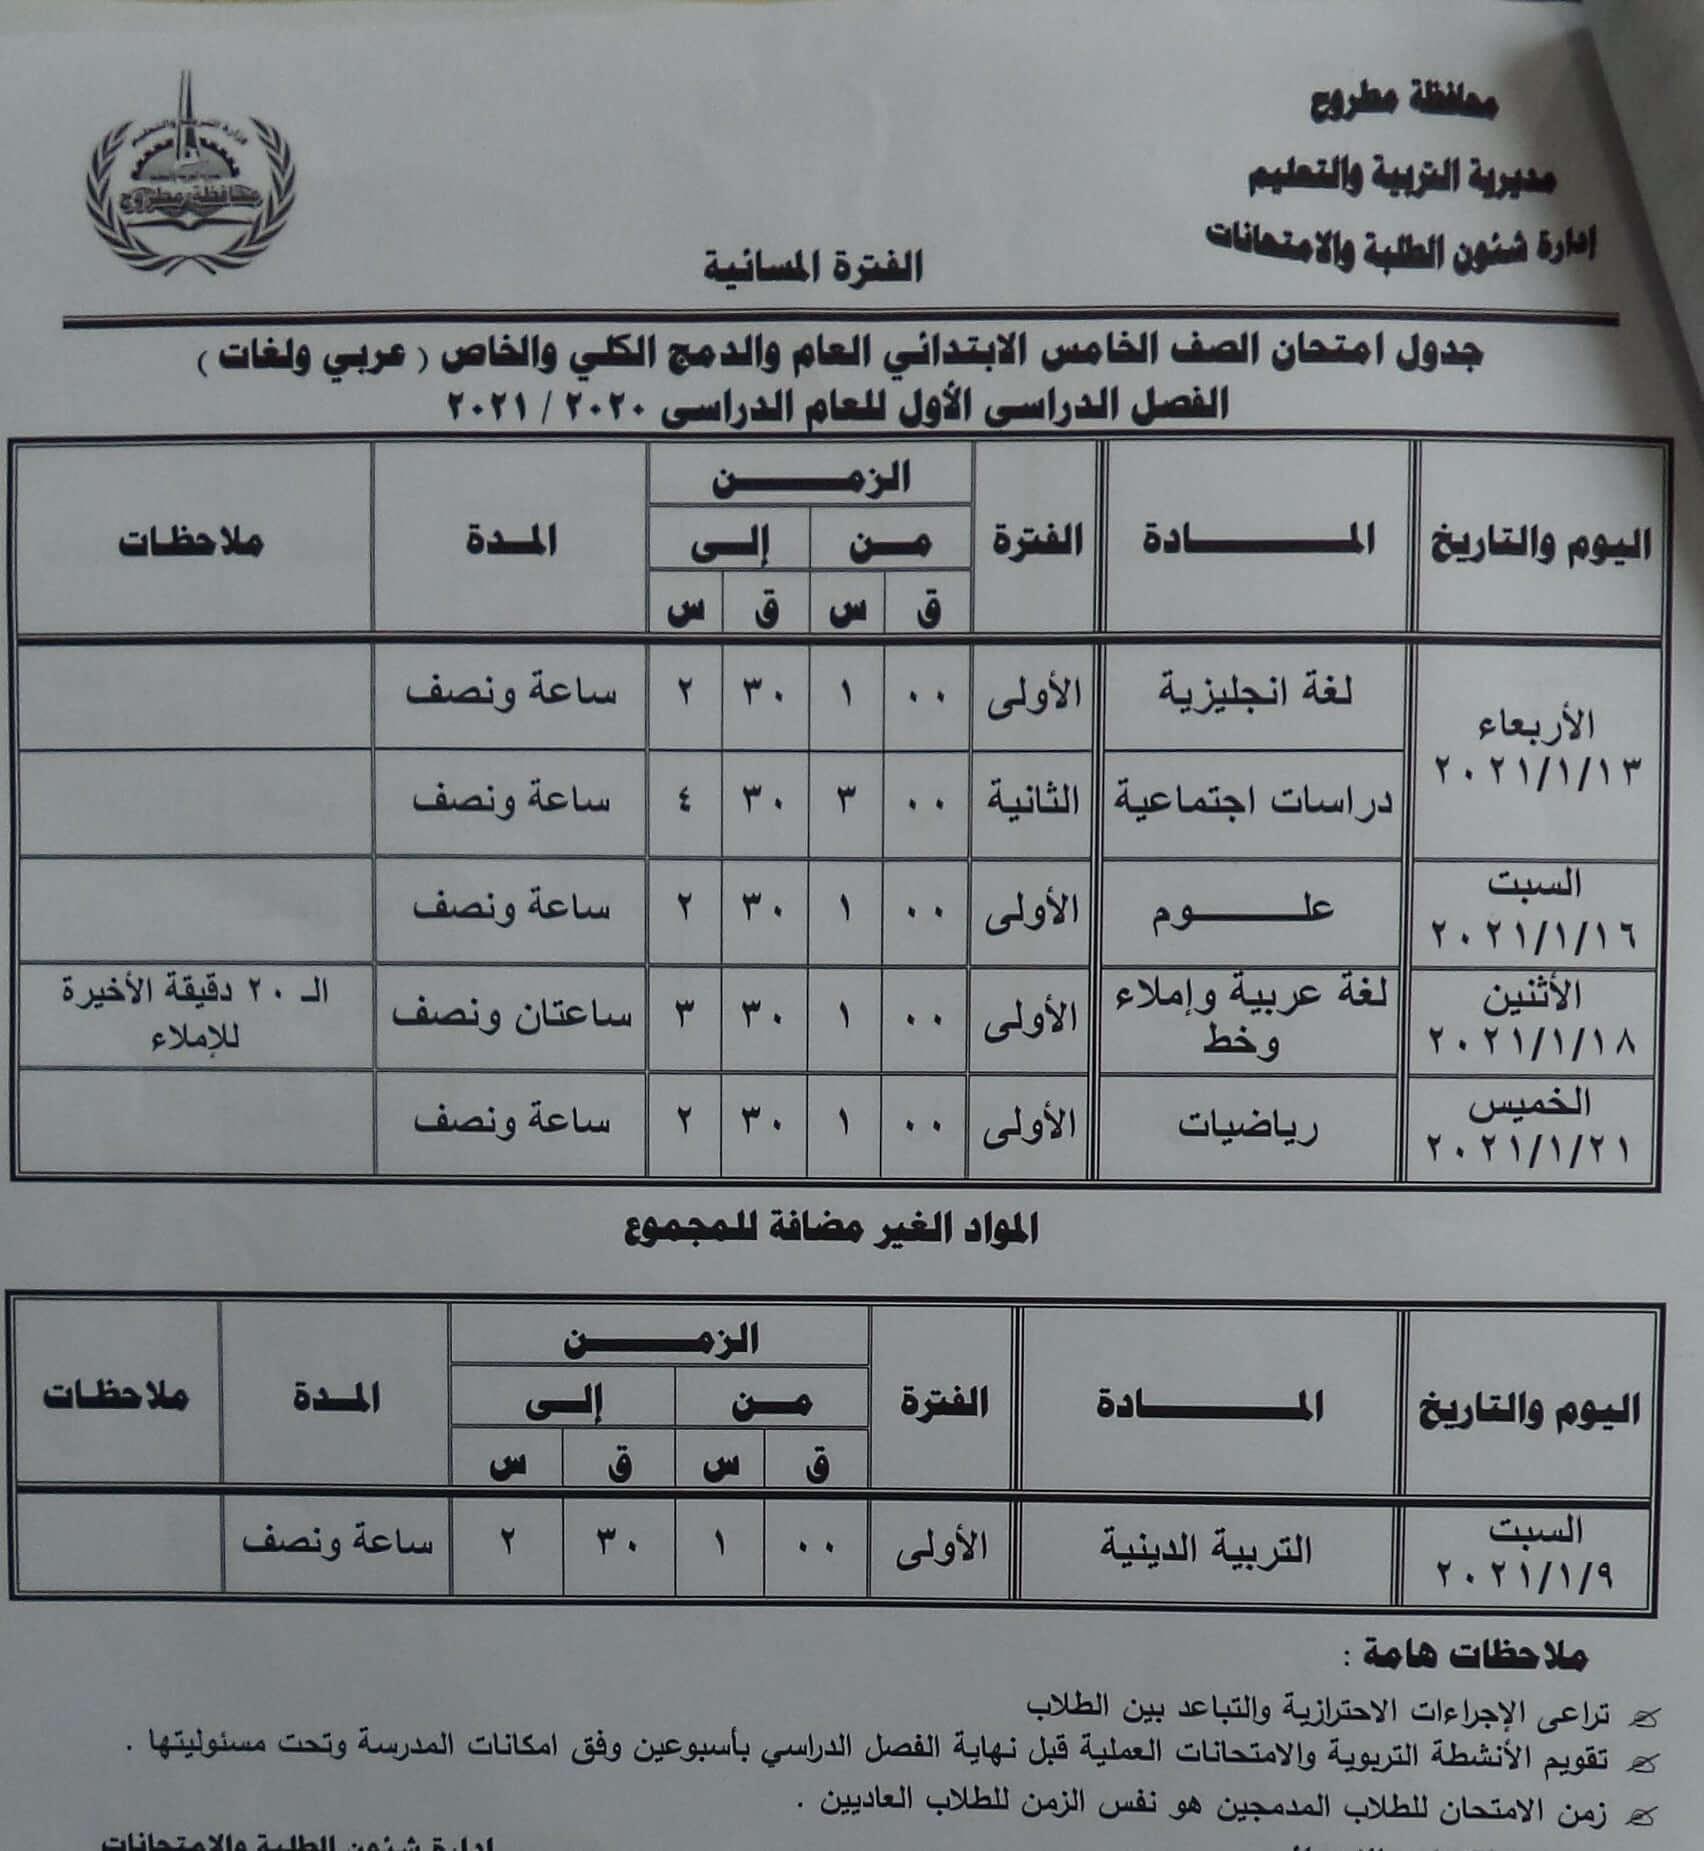 جدول امتحانات الصف الخامس الابتدائي نصف العام محافظة مطروح 2021 2